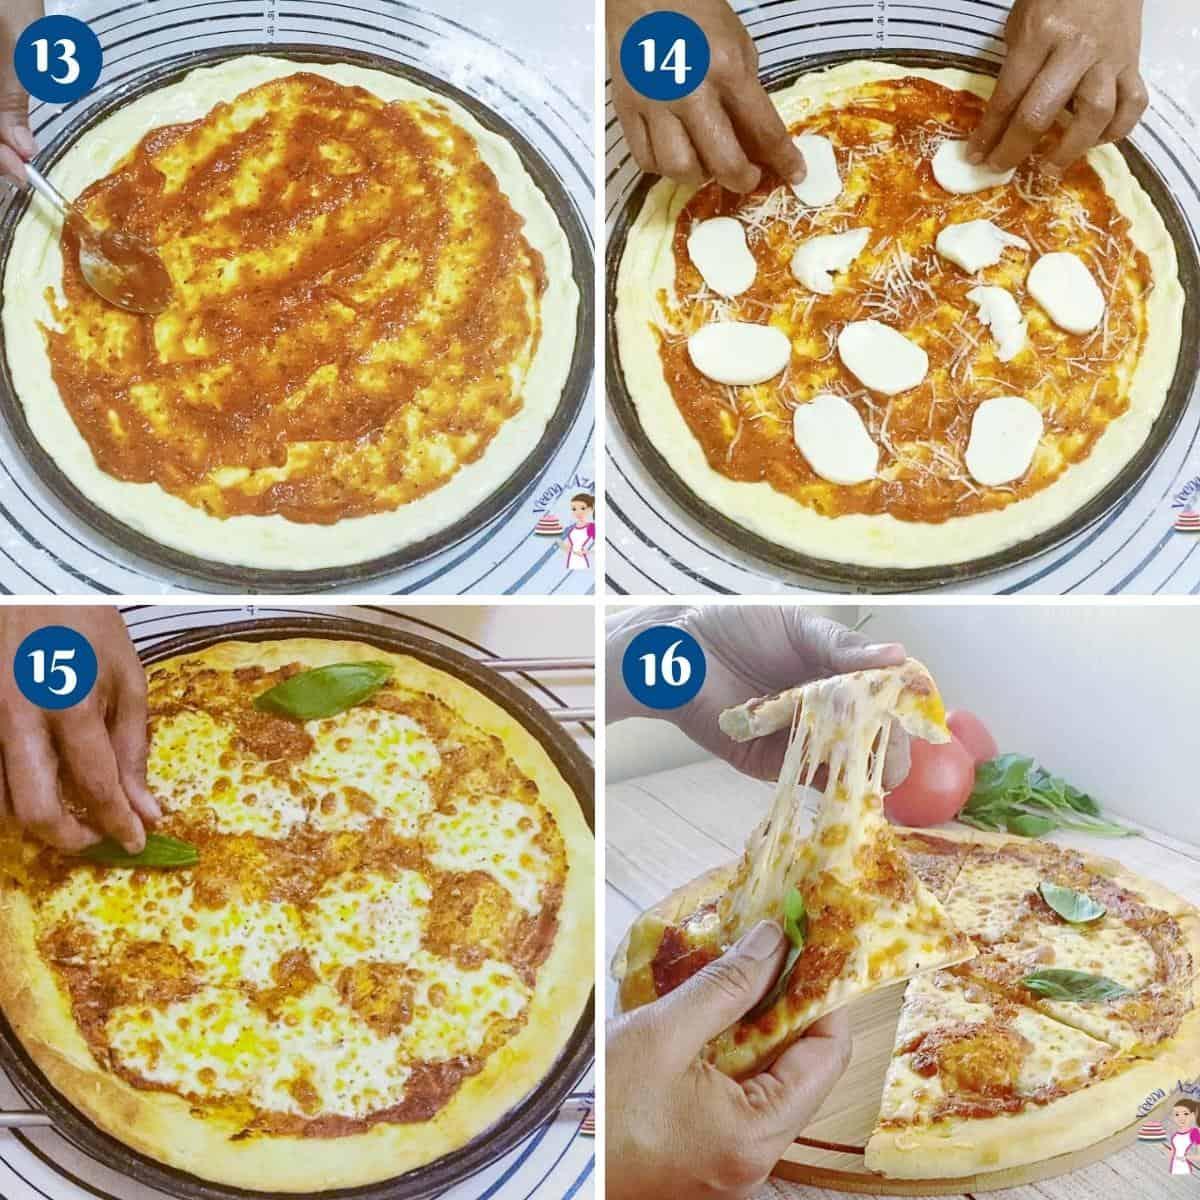 Progress pictures baking pizza dough.